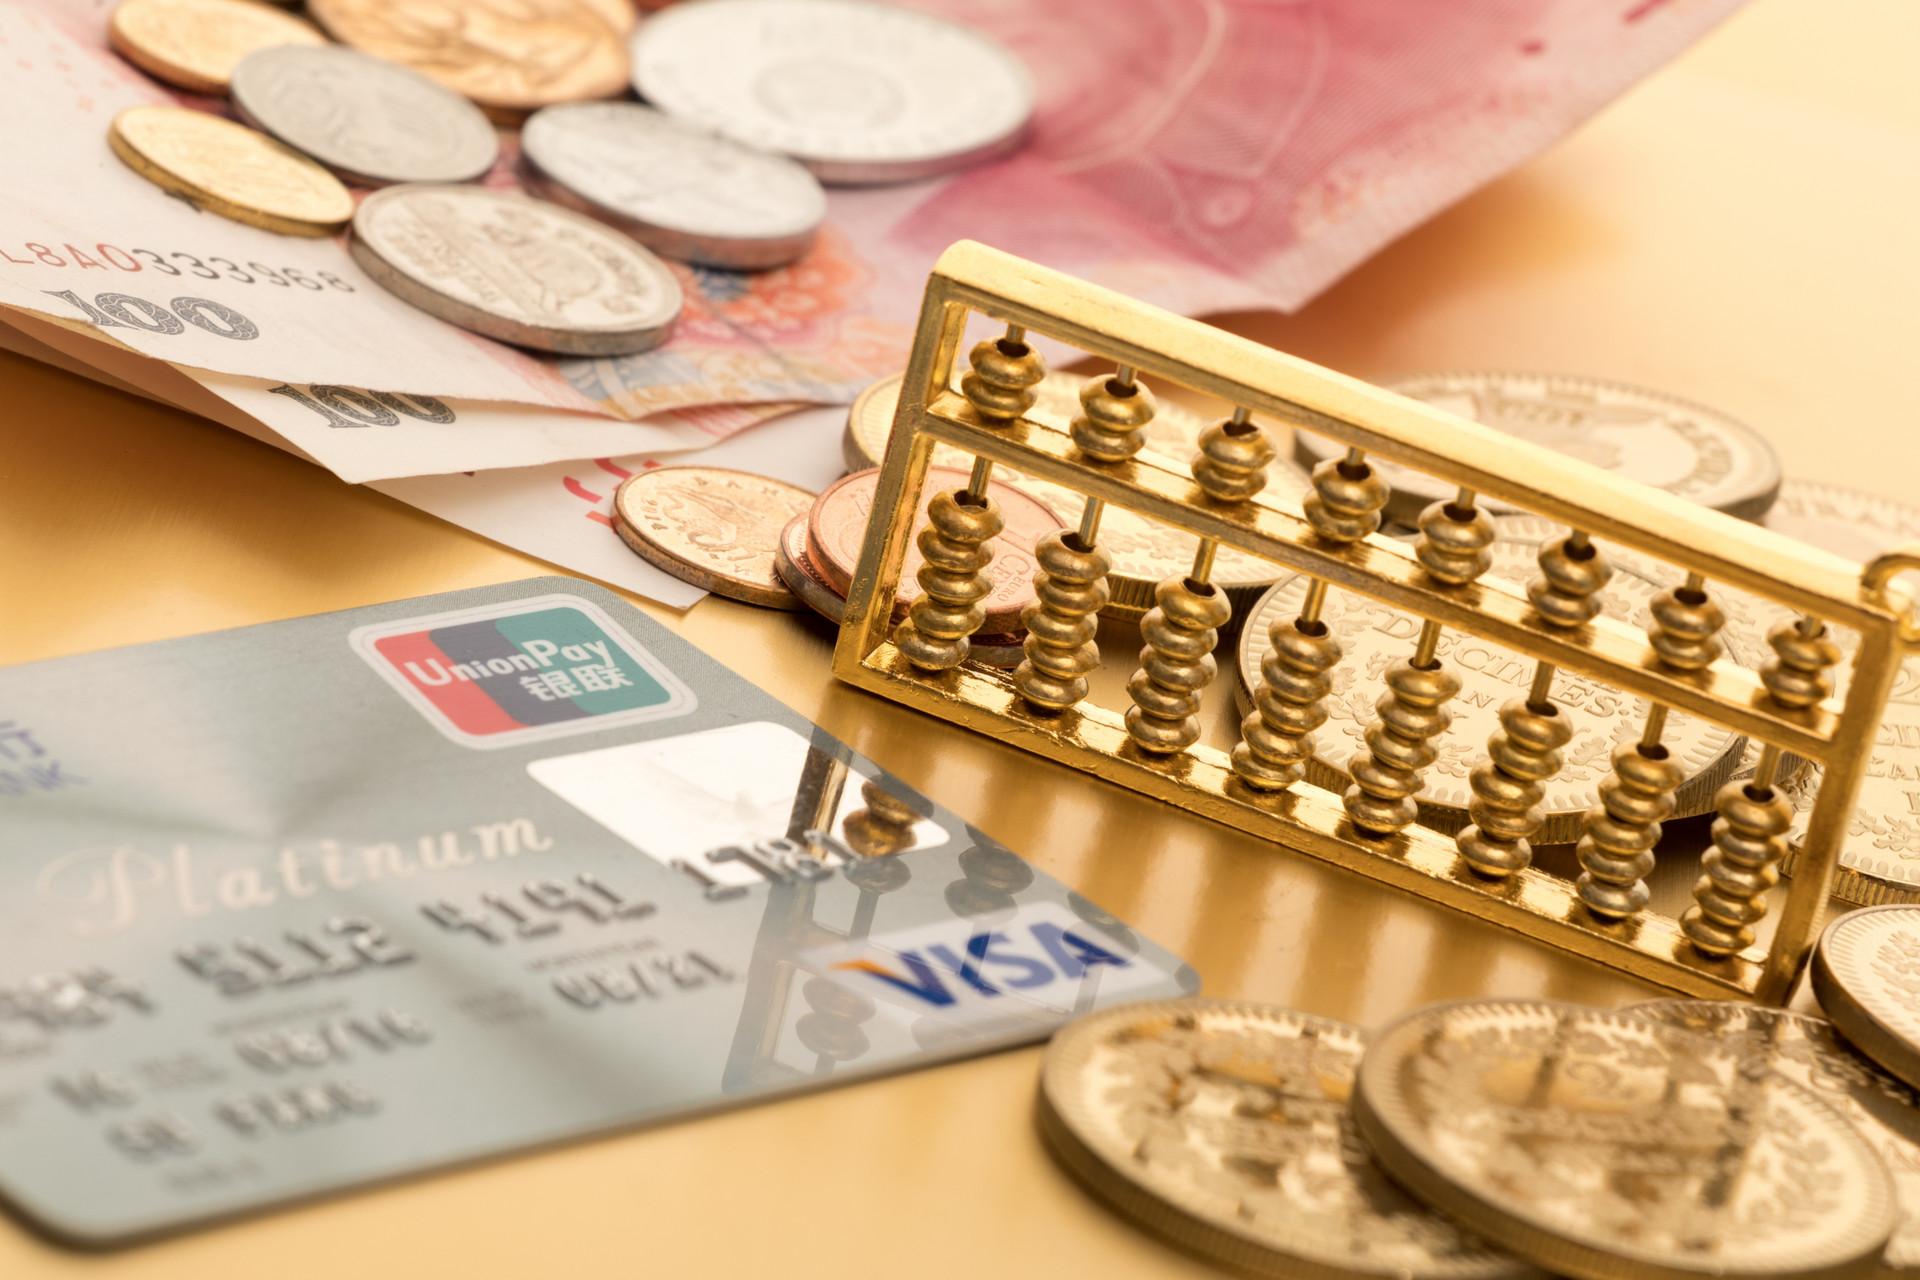 青岛银行债券通报价业务成交,为山东首笔